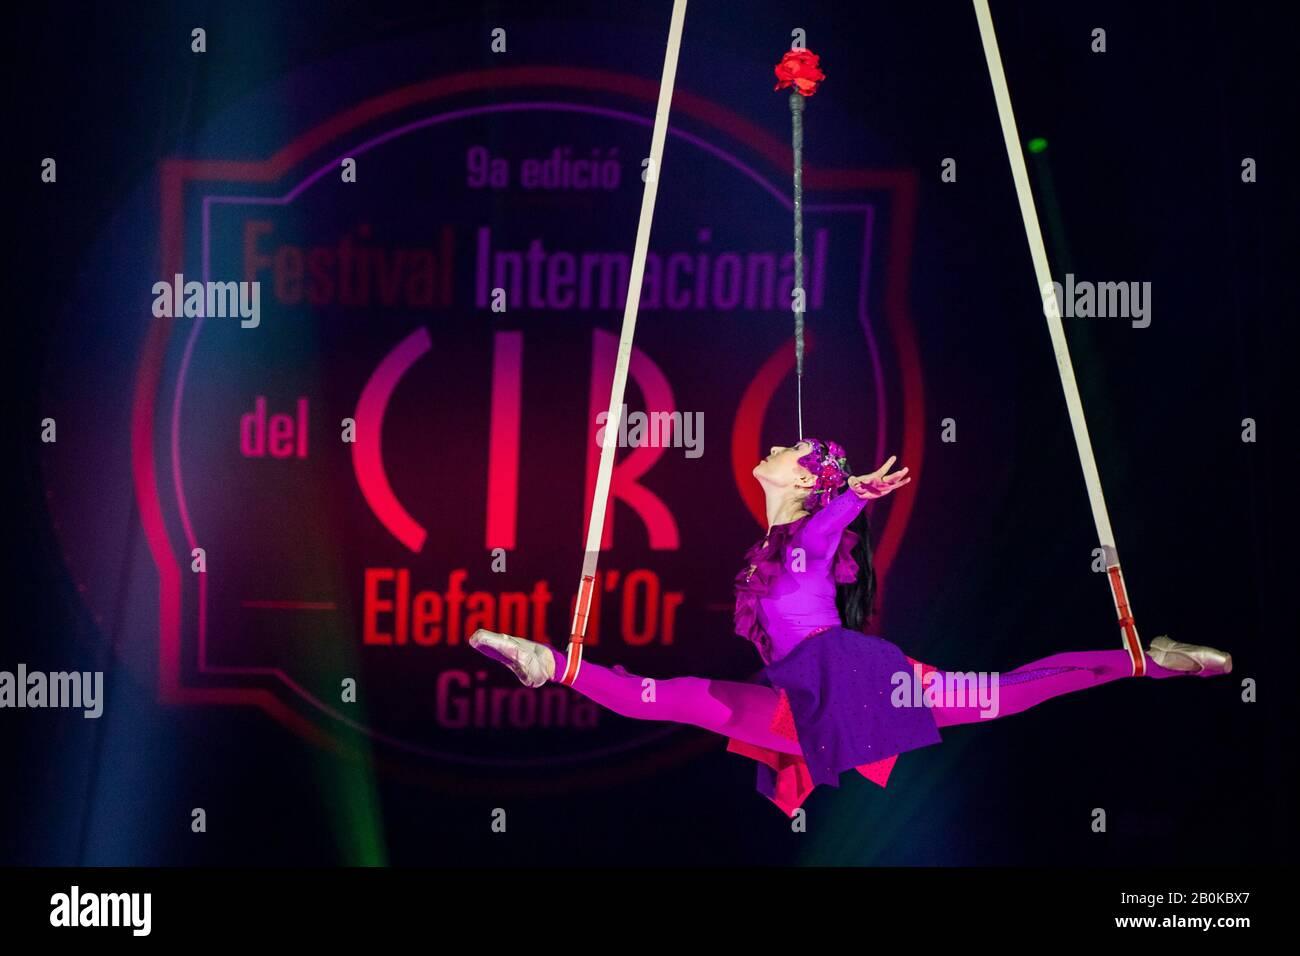 Gérone, ESPAGNE - 17 FÉVRIER : Khorlan du Kazakhstan exécute une échelle aérienne lors du festival international Elefant d'Or au Parc de la Devesa o Banque D'Images